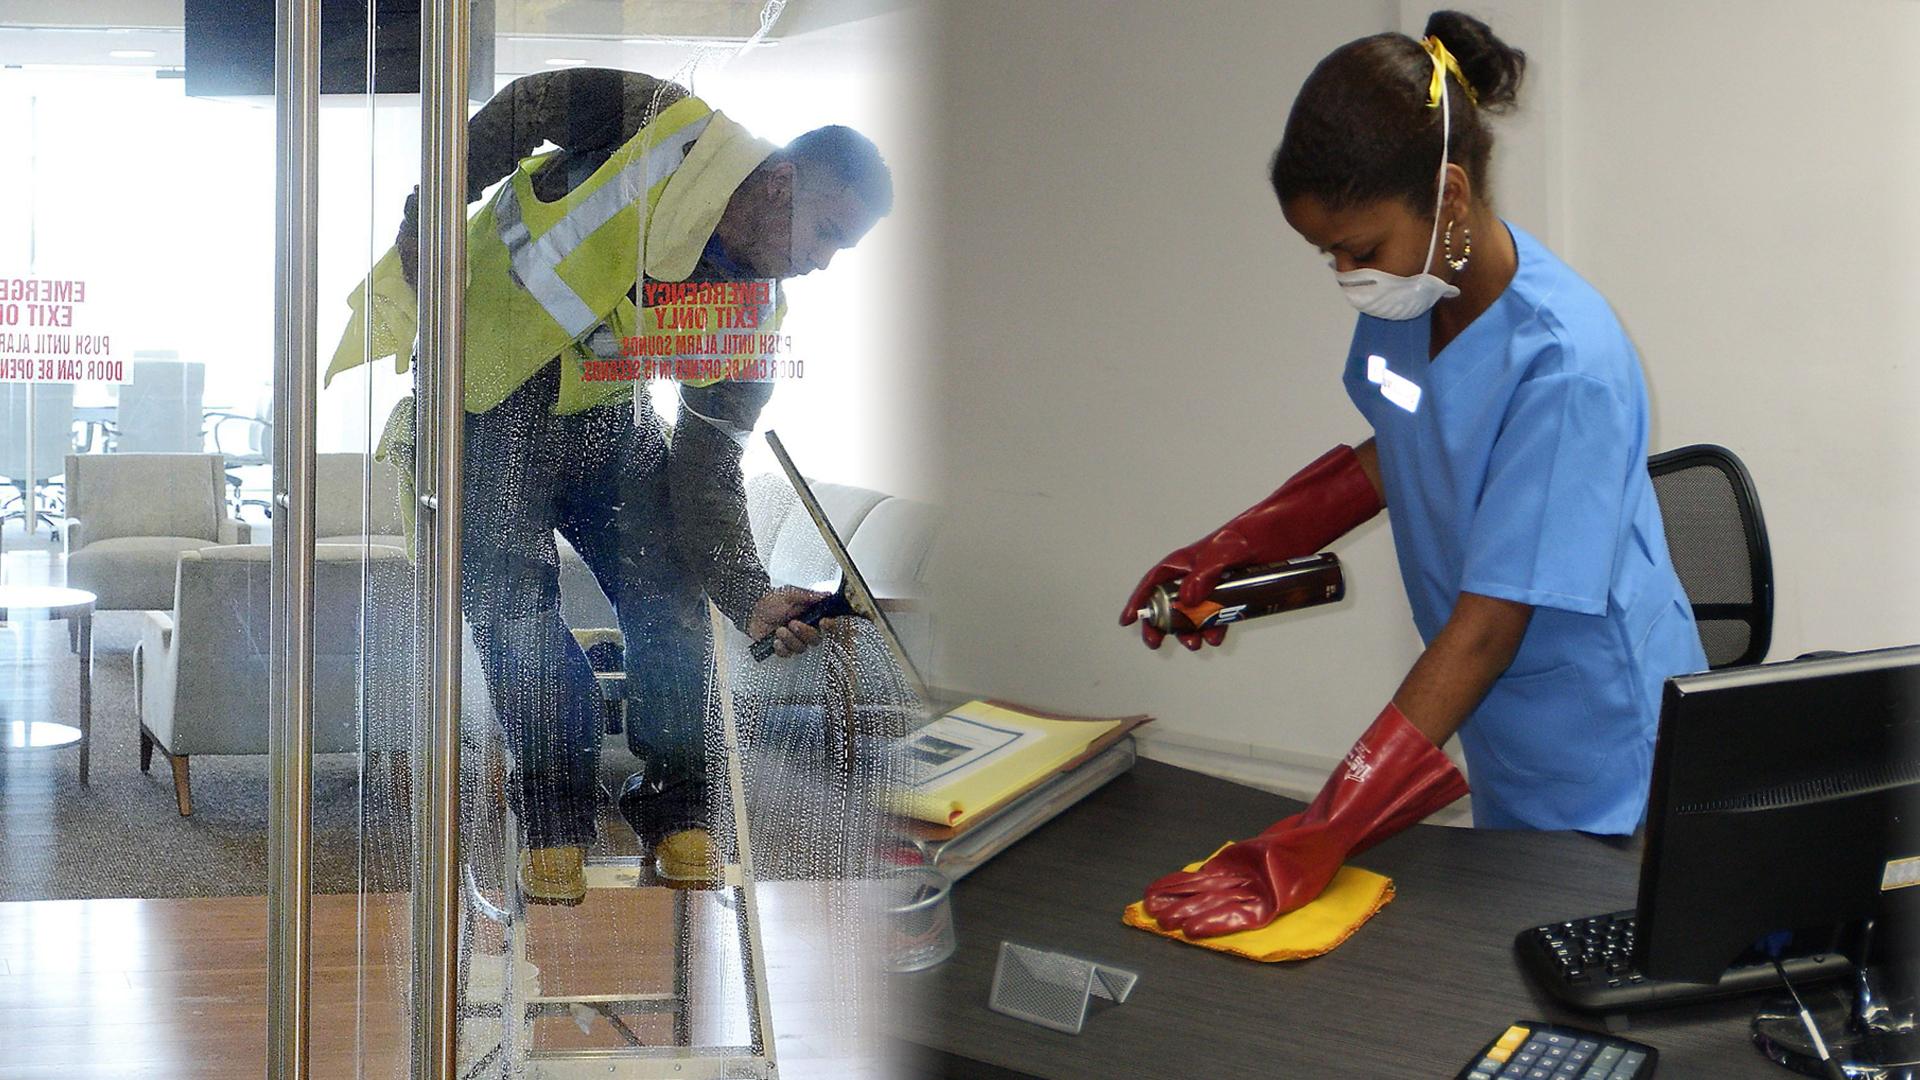 mejor empresa de limpieza conslymp madrid 911610130